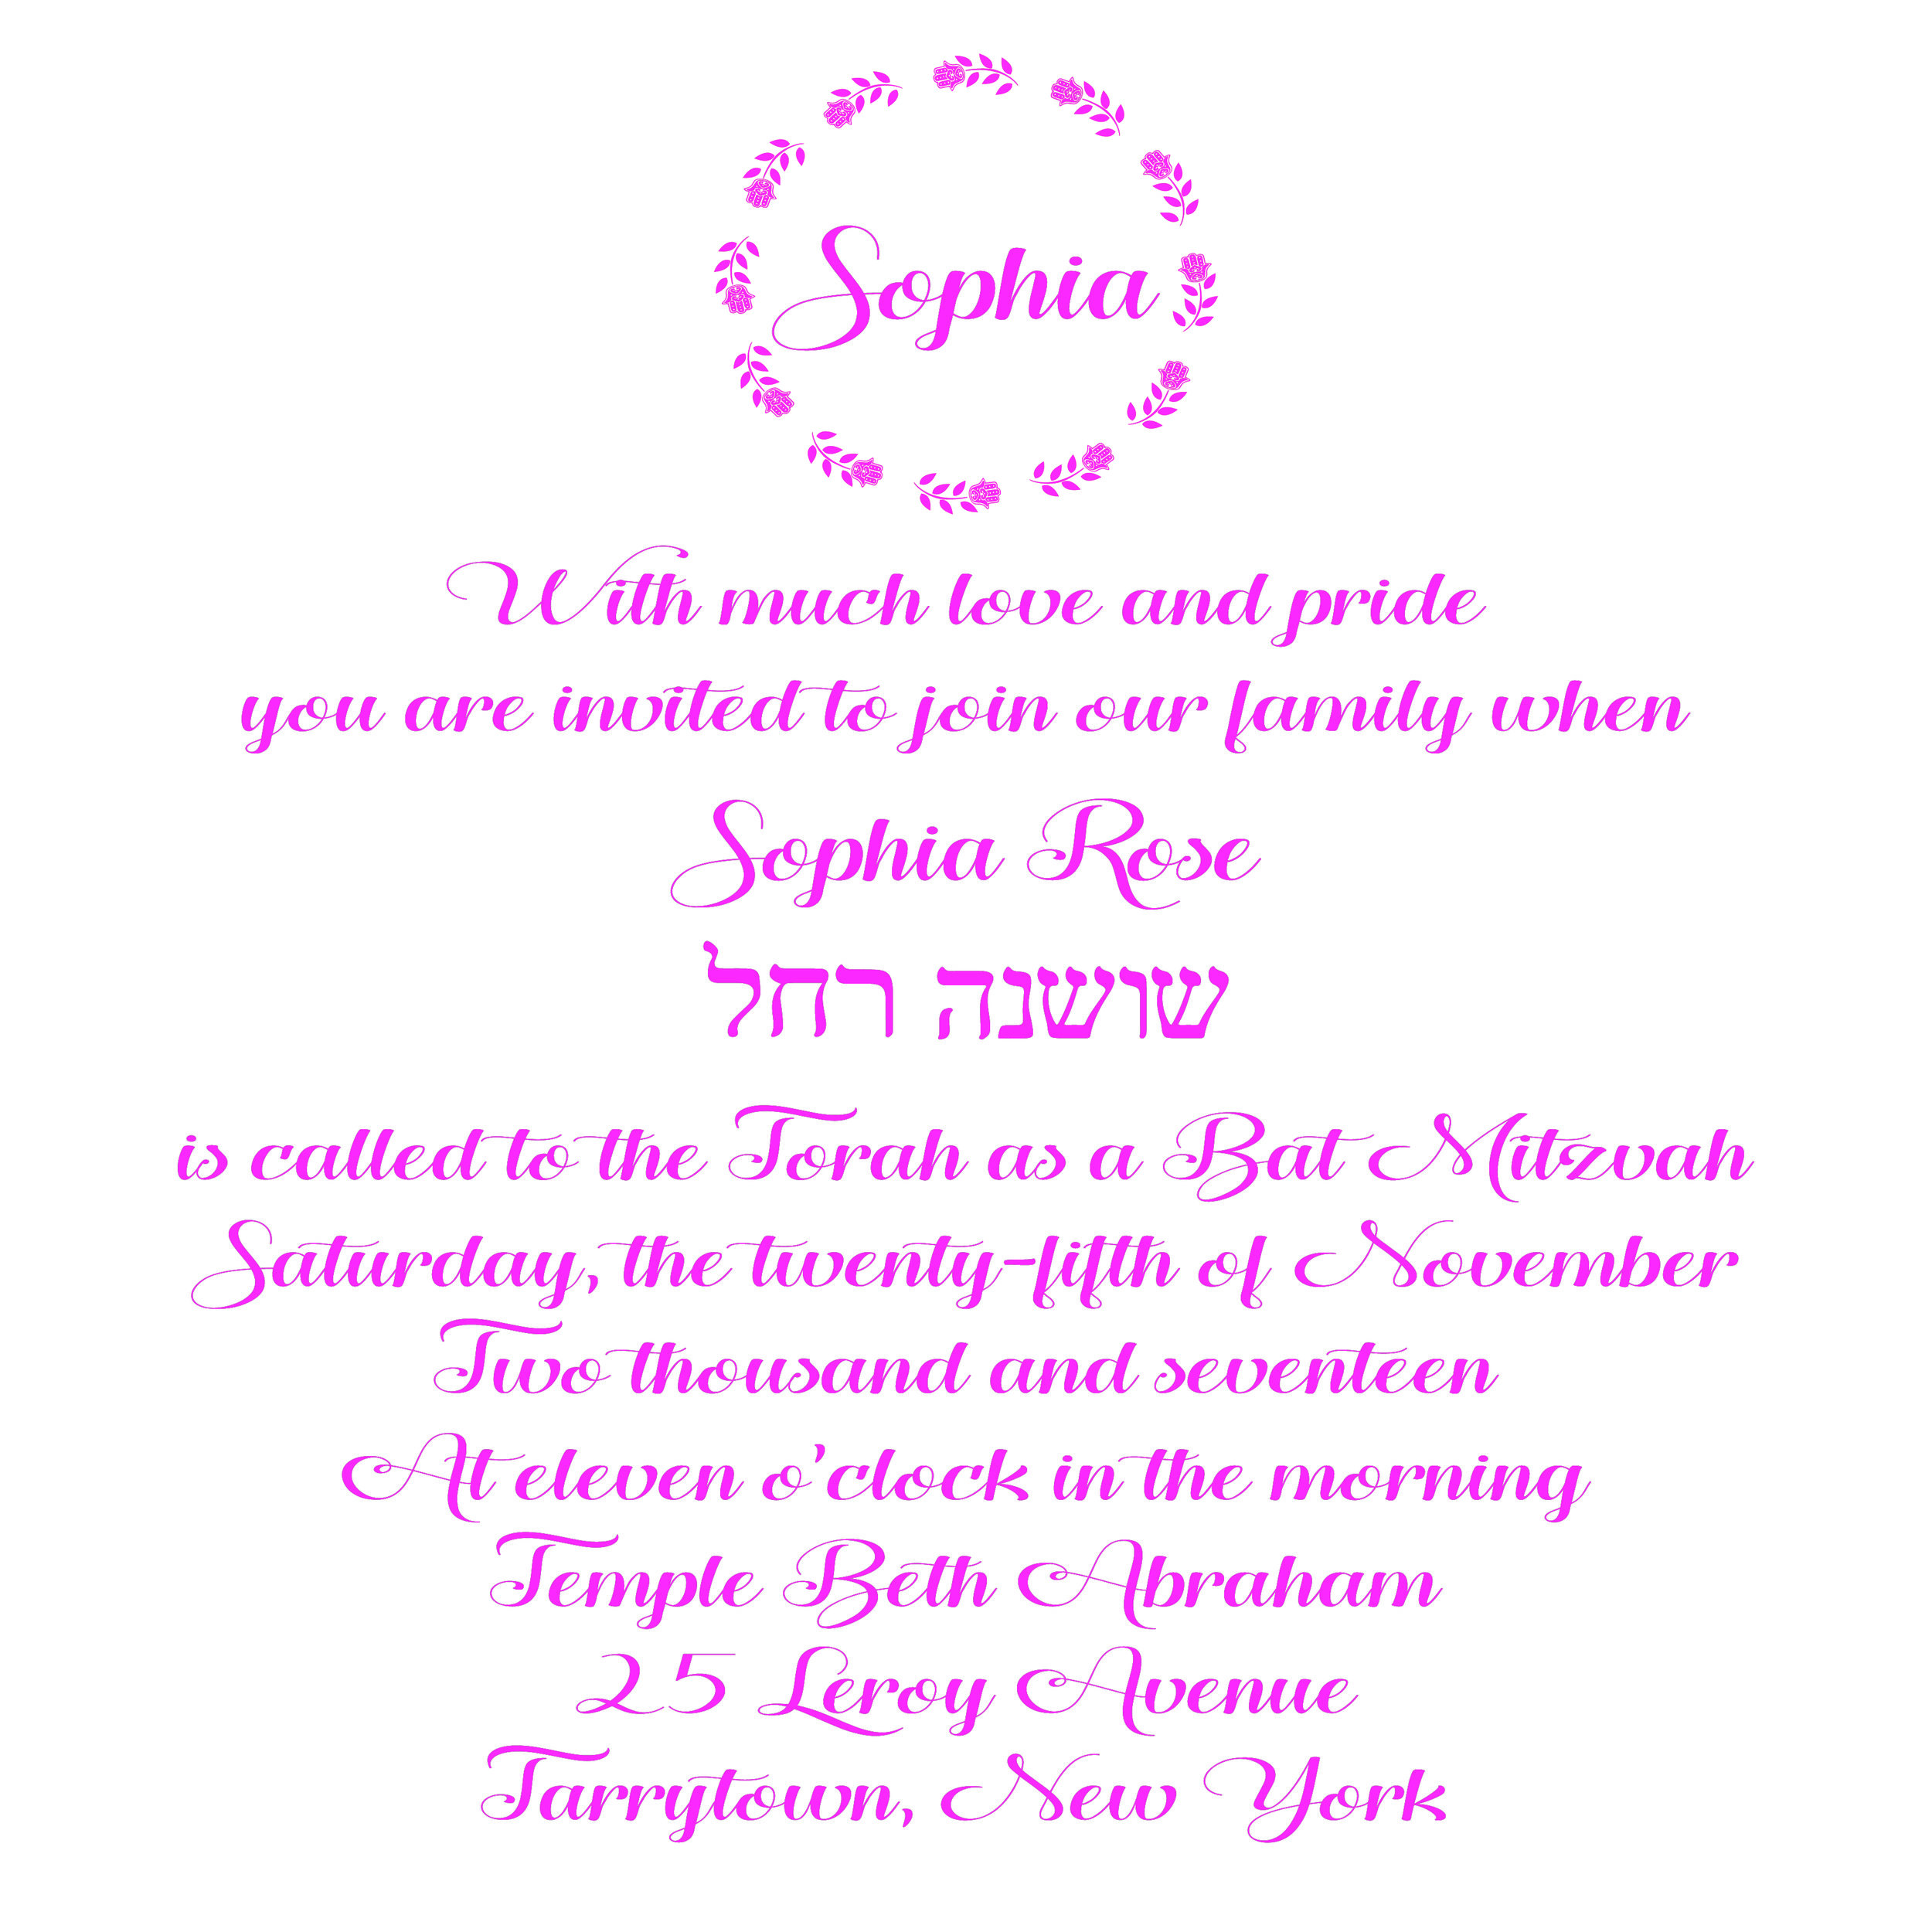 sophia invitation website square-01.jpg